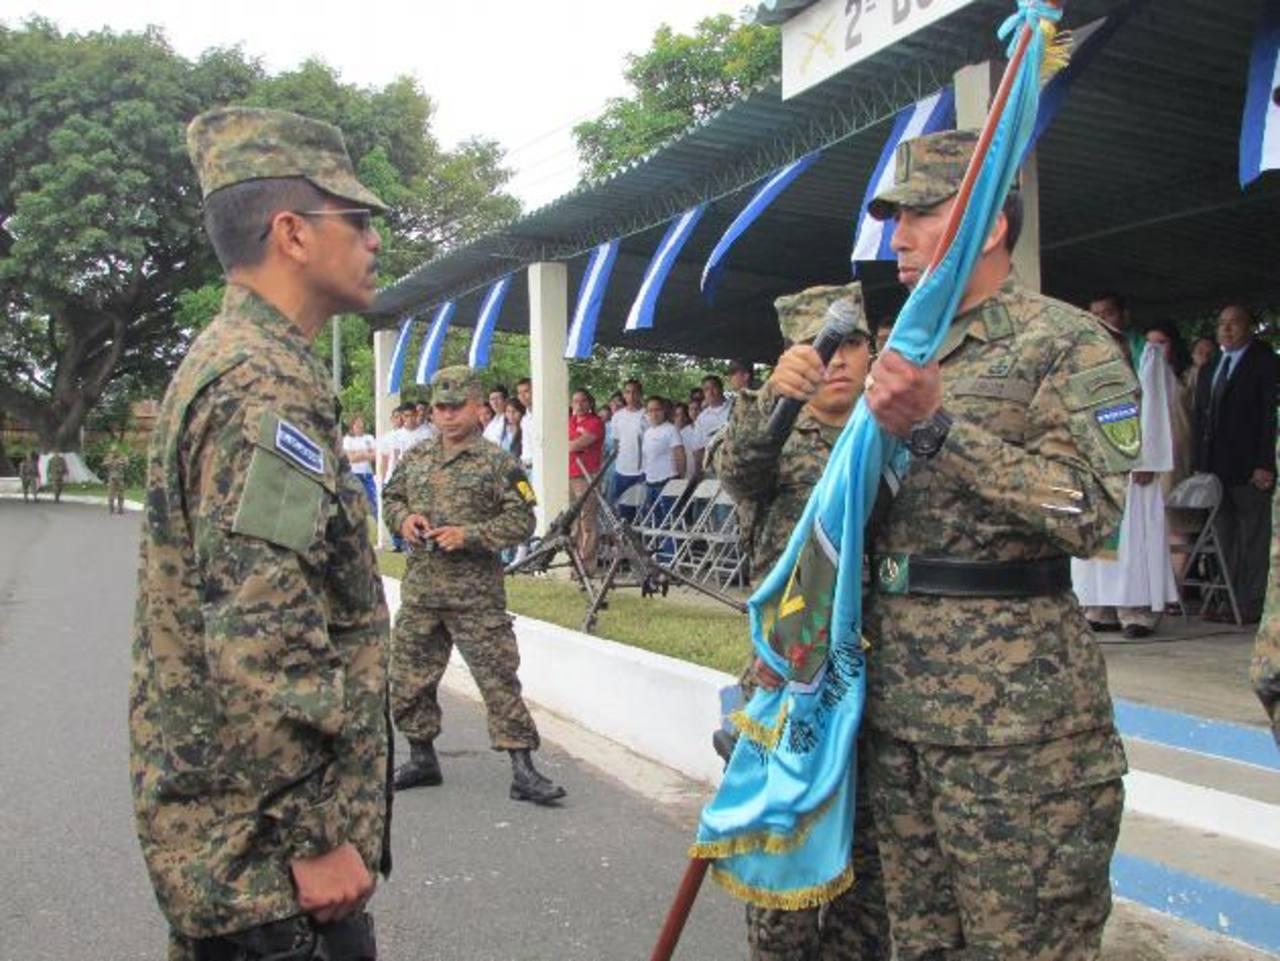 El coronel Mauricio Ernesto Ramírez Martínez (Izq.) es el nuevo jefe militar en Santa Ana. Foto EDH / Mauricio Guevara